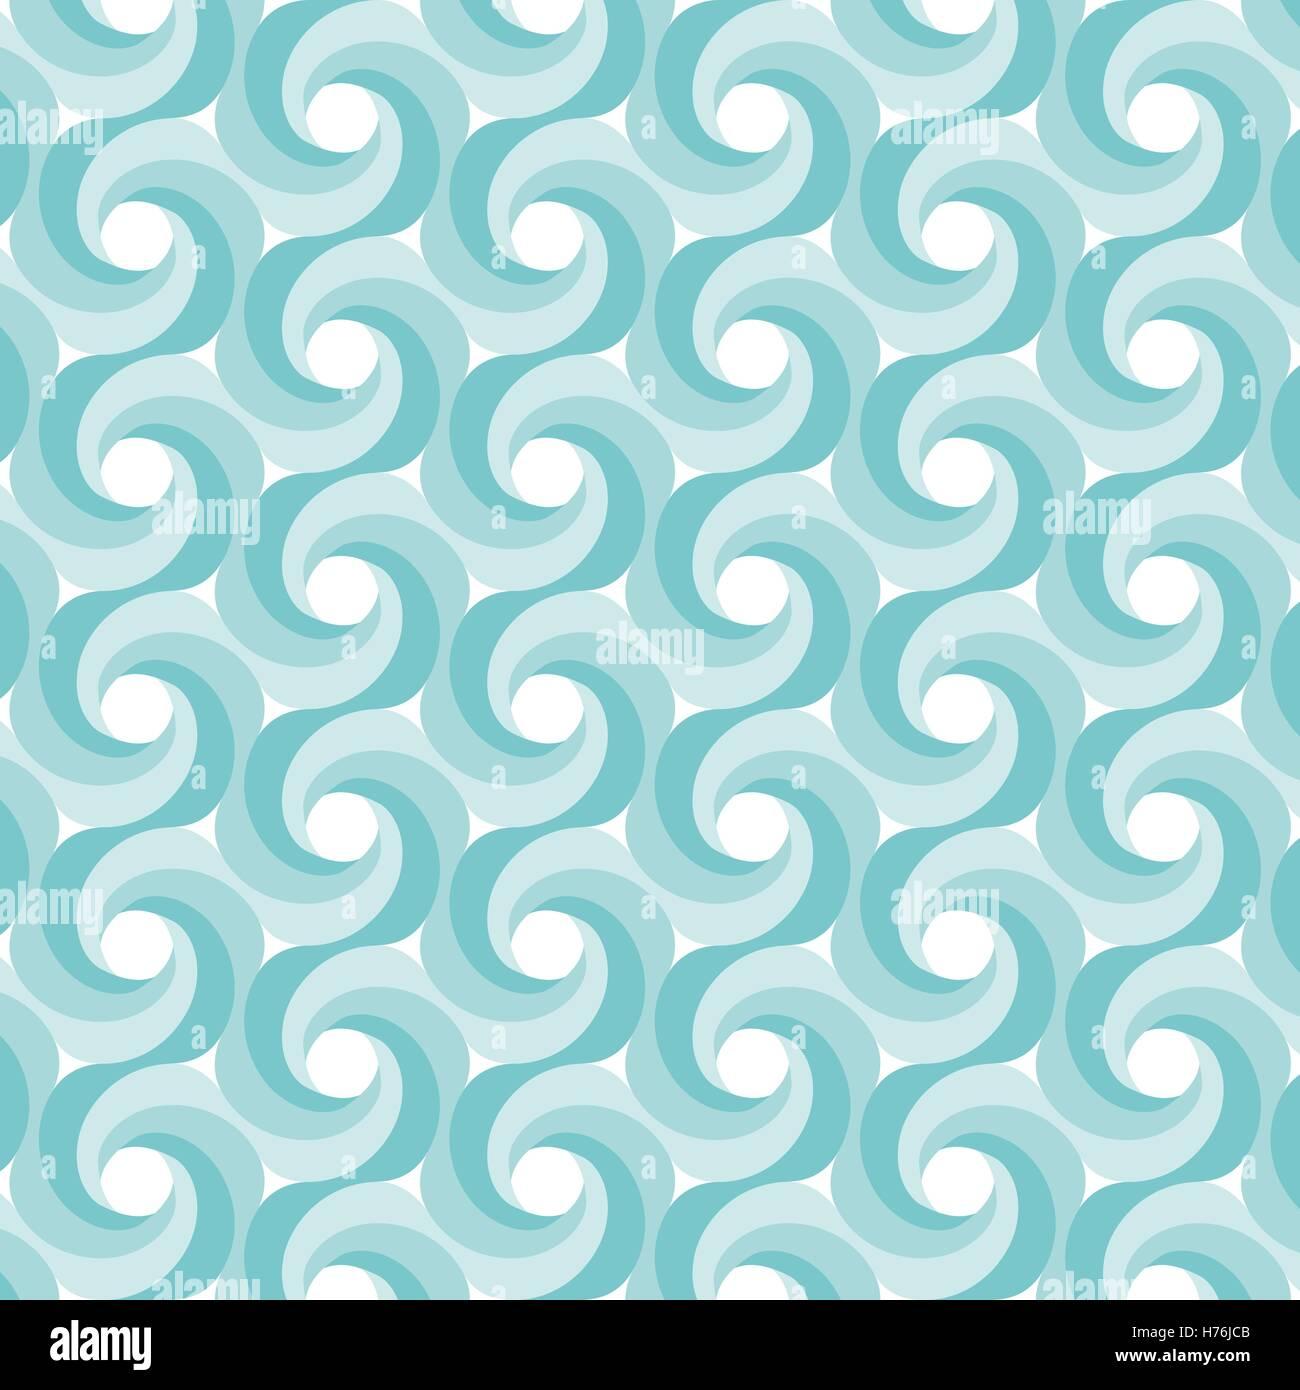 Illustrazione dello sfondo con abstract forme geometriche Immagini Stock